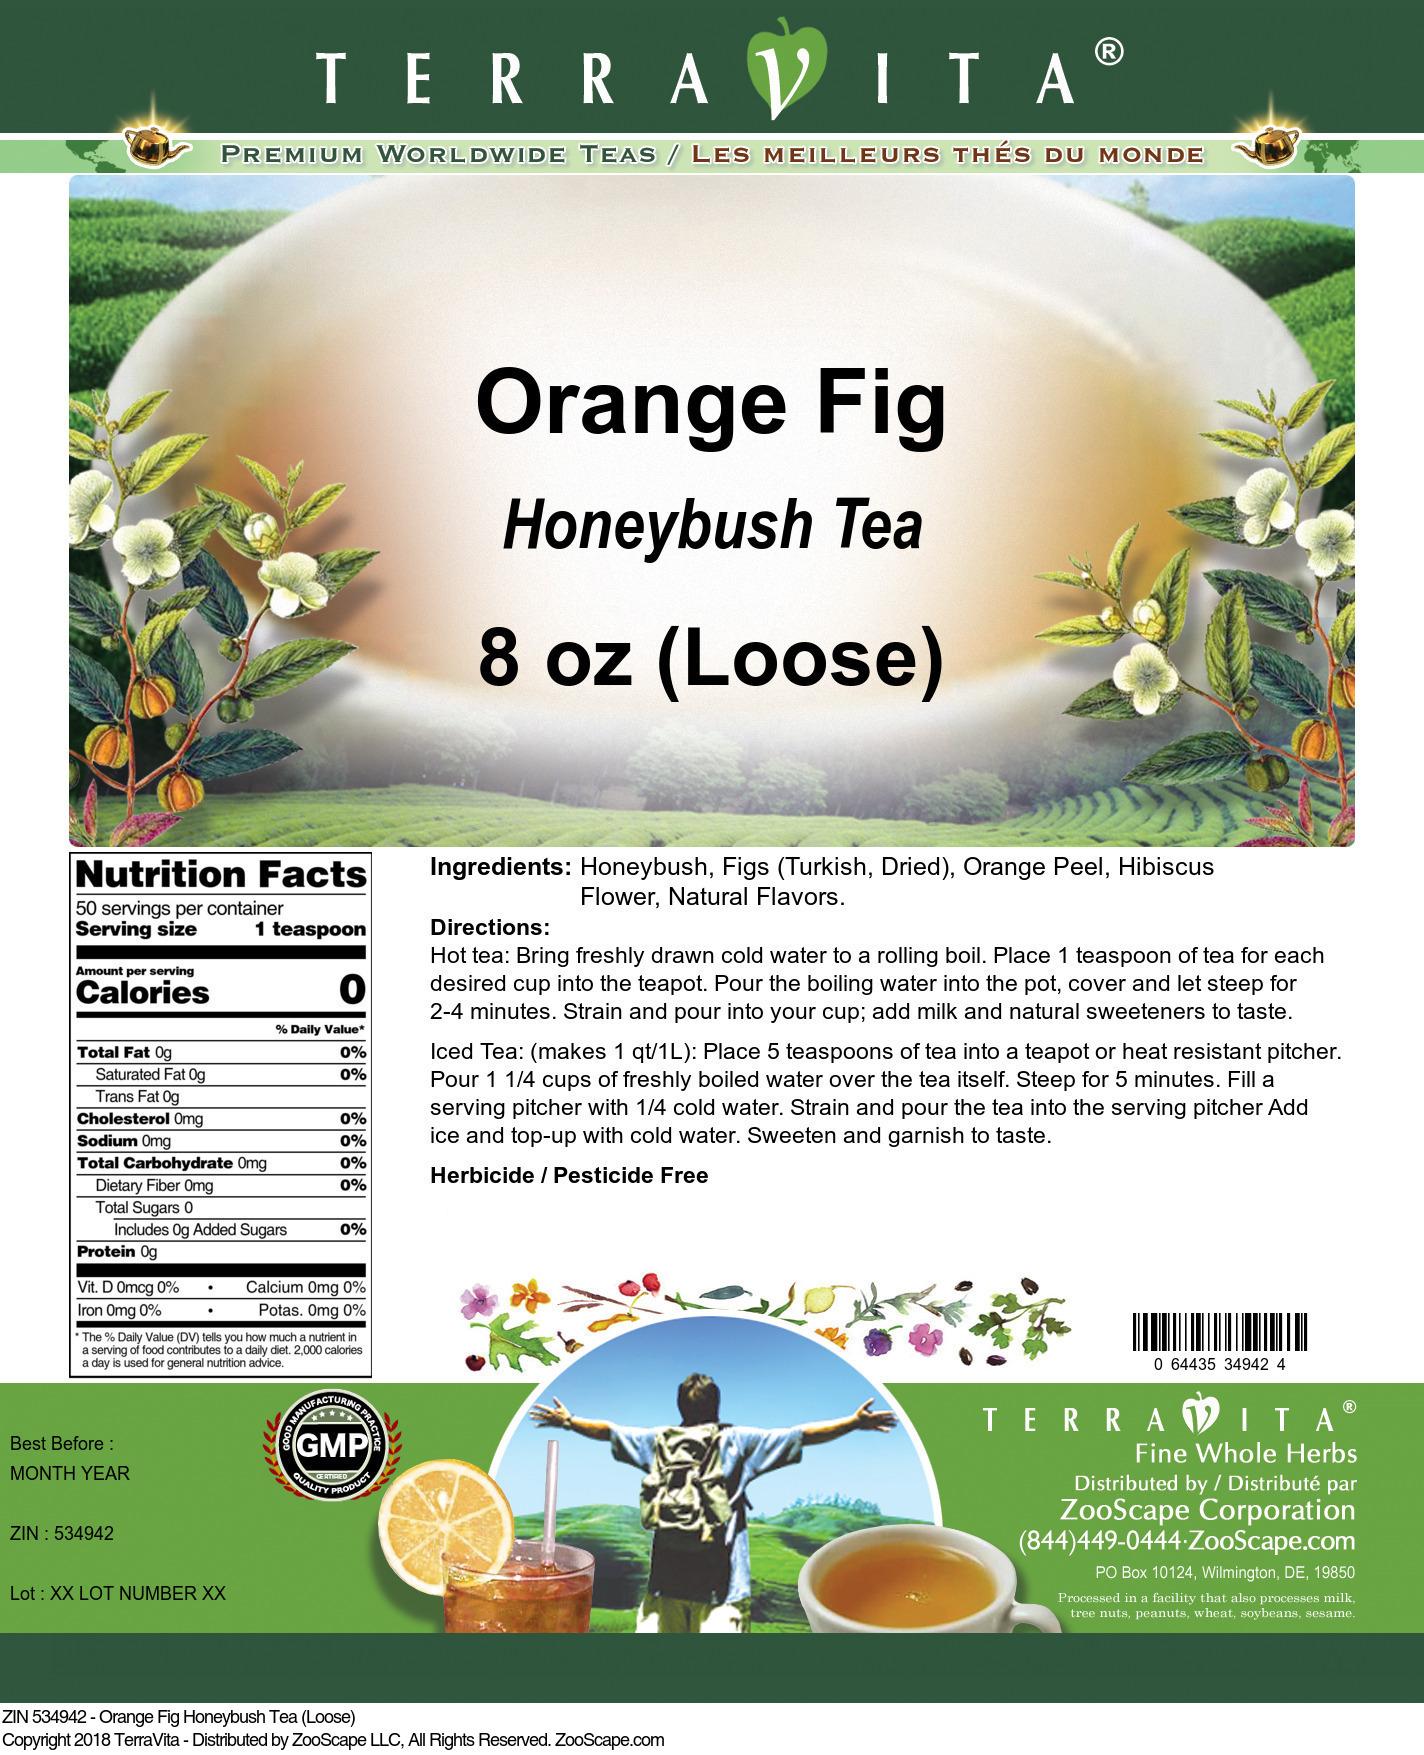 Orange Fig Honeybush Tea (Loose)